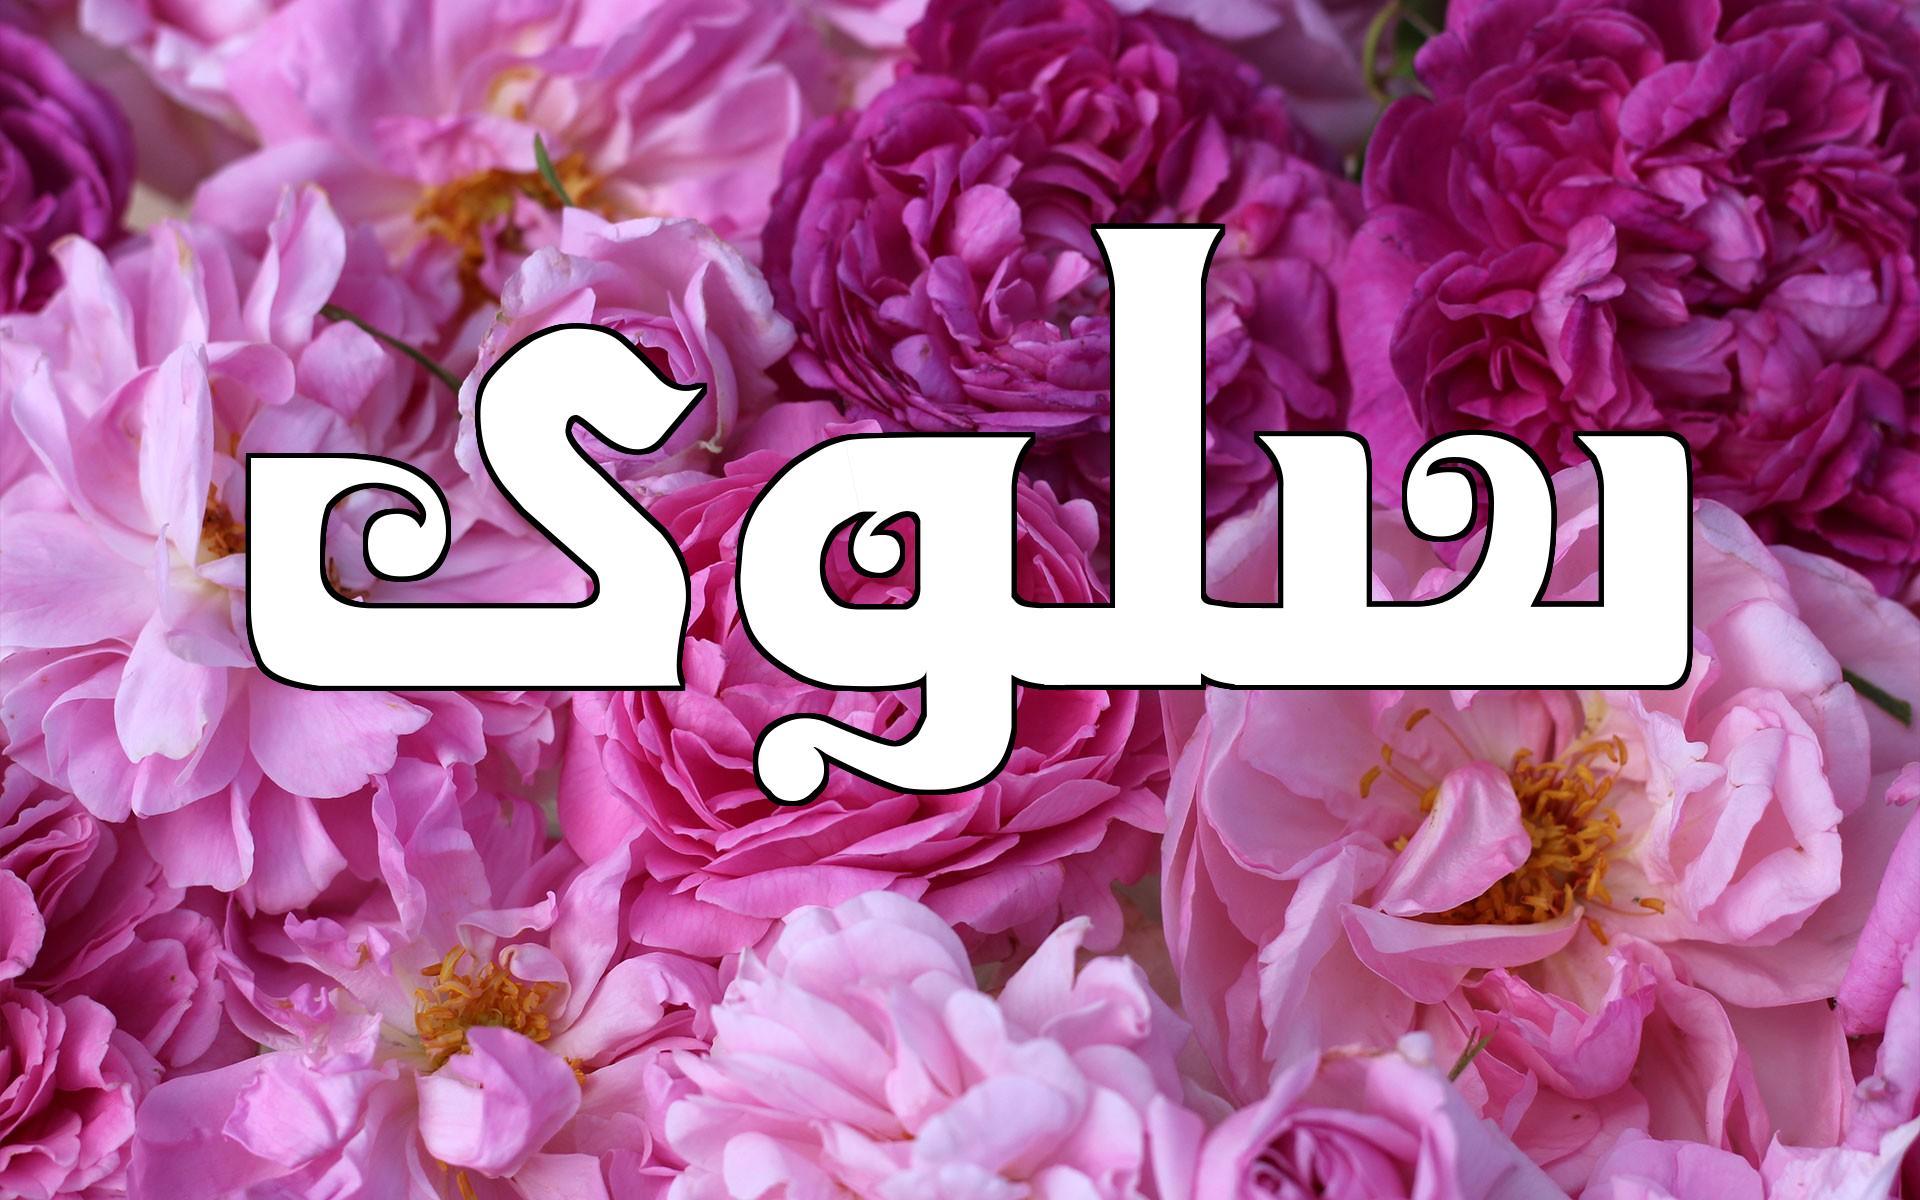 صور معنى اسم سلوى , اجمل الاسماء الذى طابع خاص